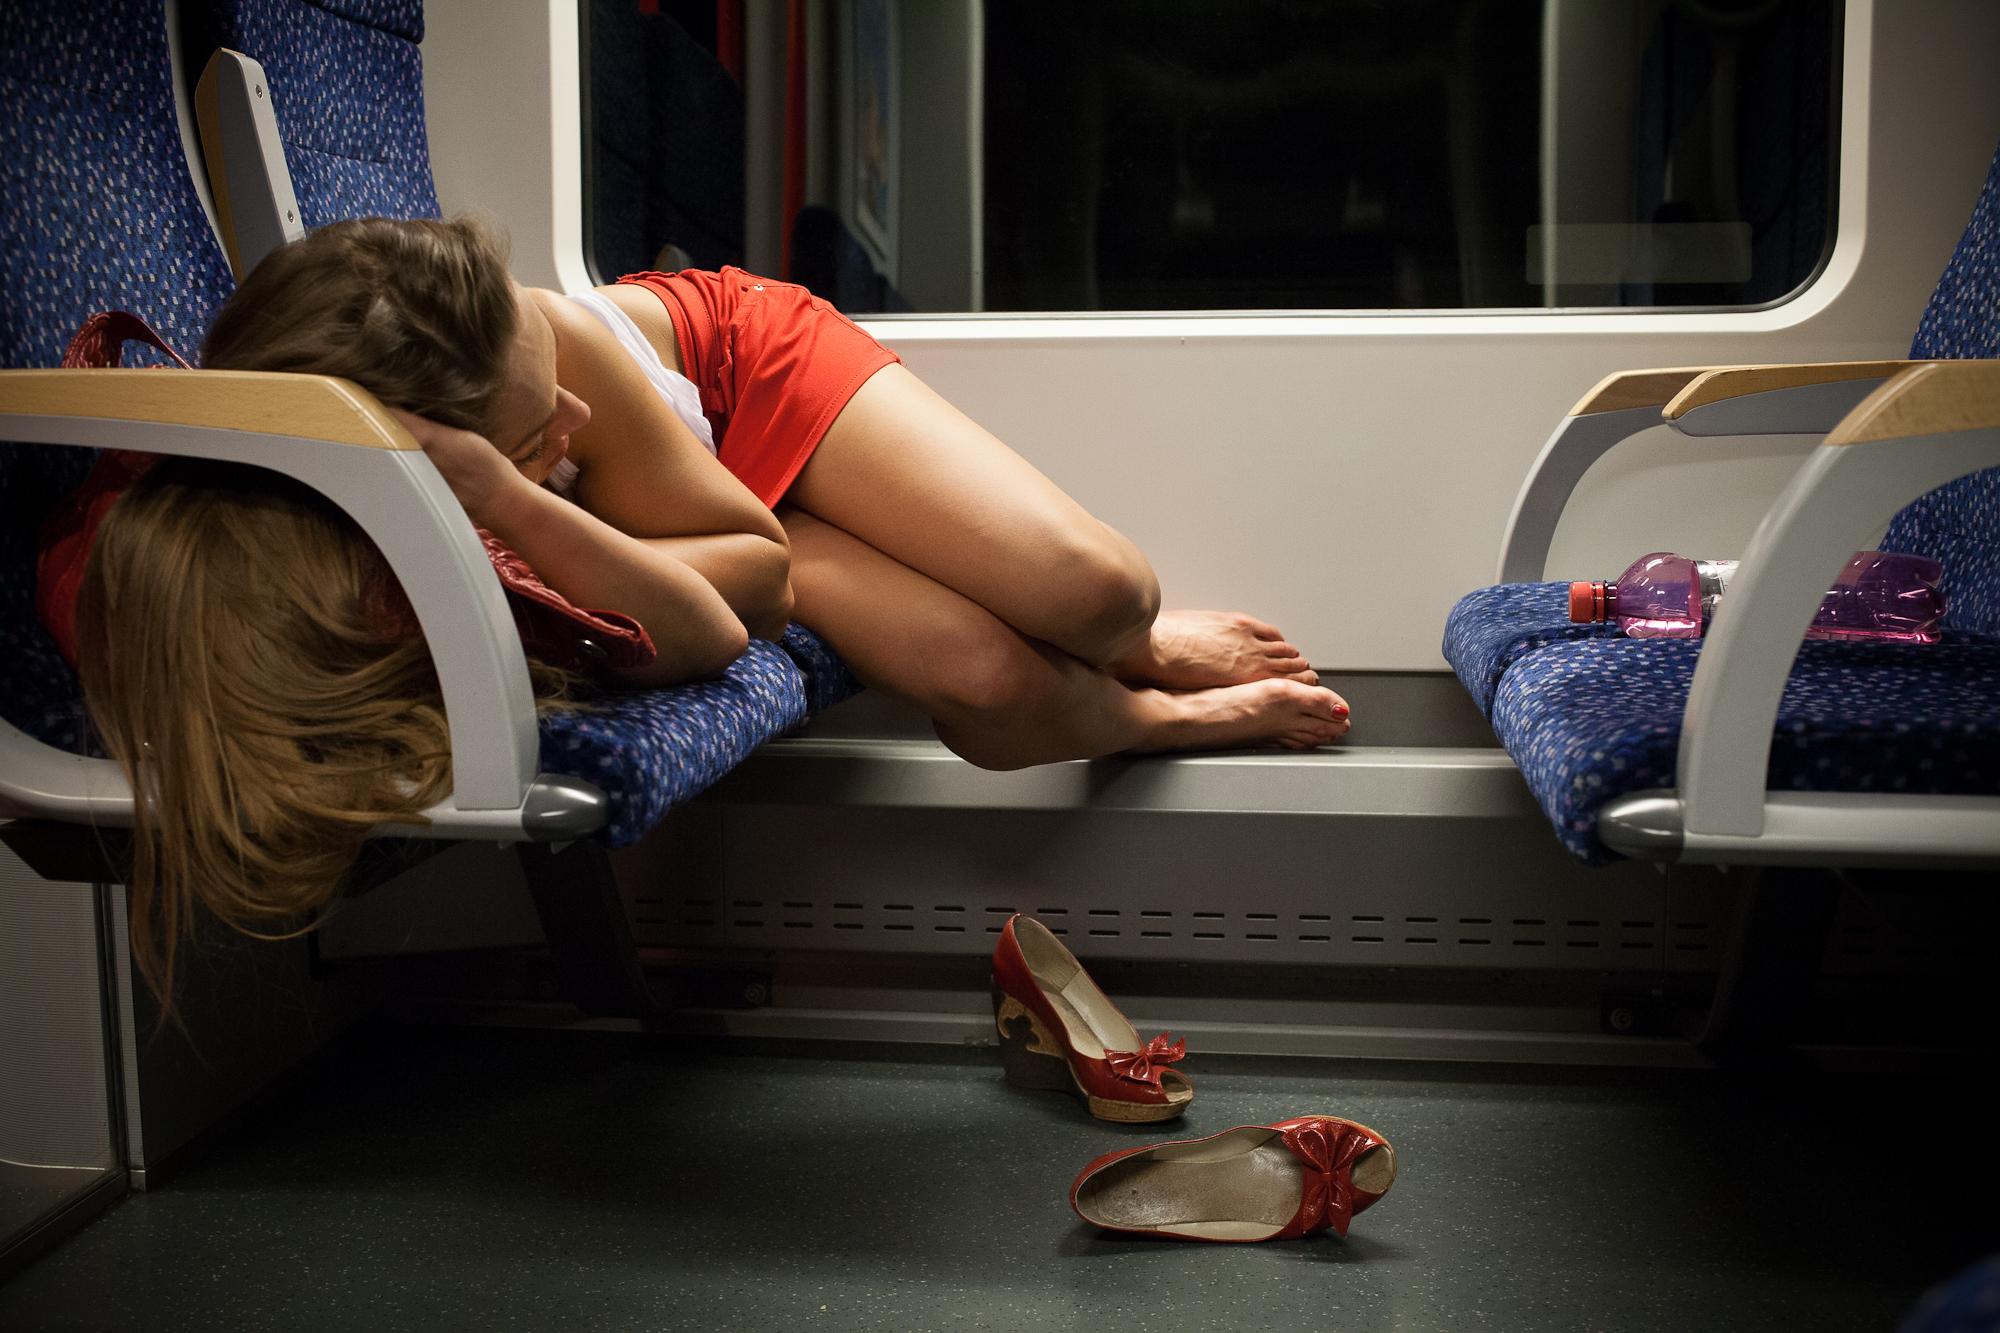 Фото девушка в поезде 9 фотография